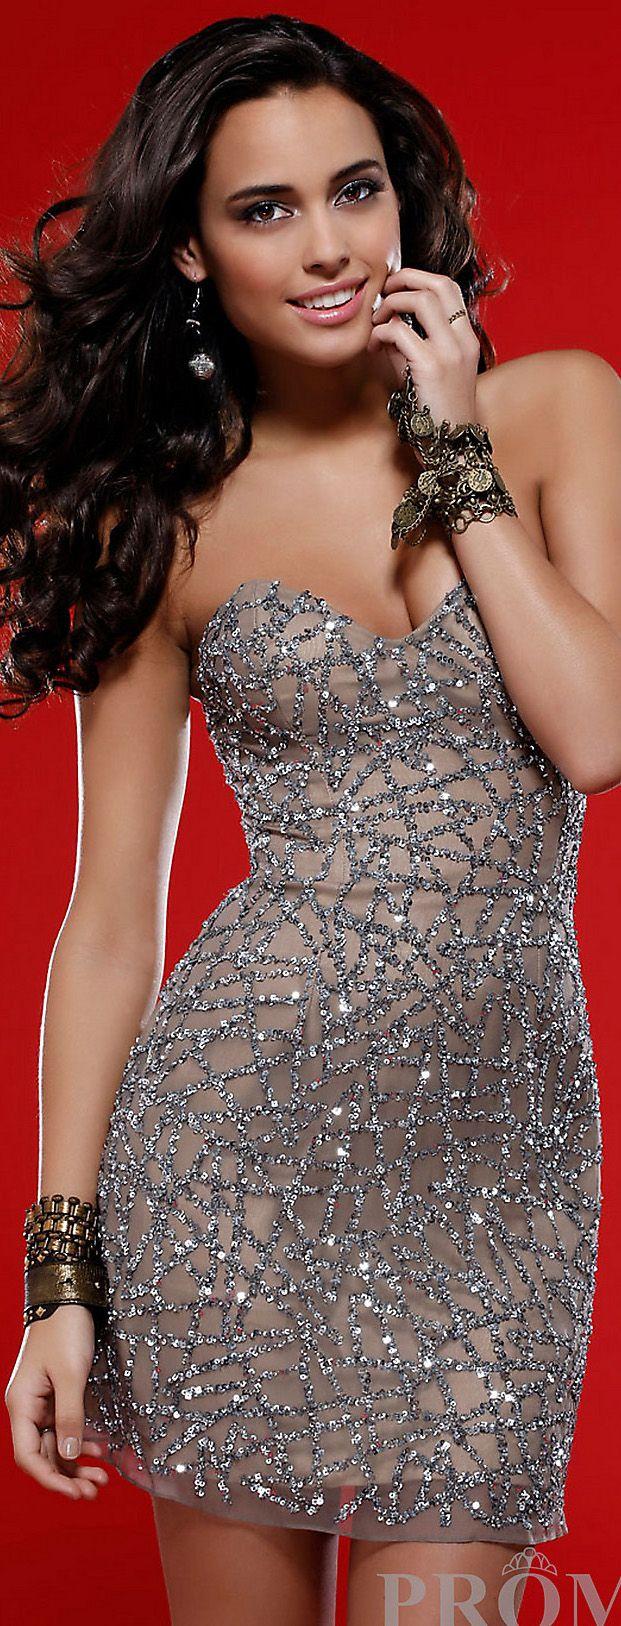 Mini dress #strapless #sexy #glitter <3   D R E S S E S   Pinterest